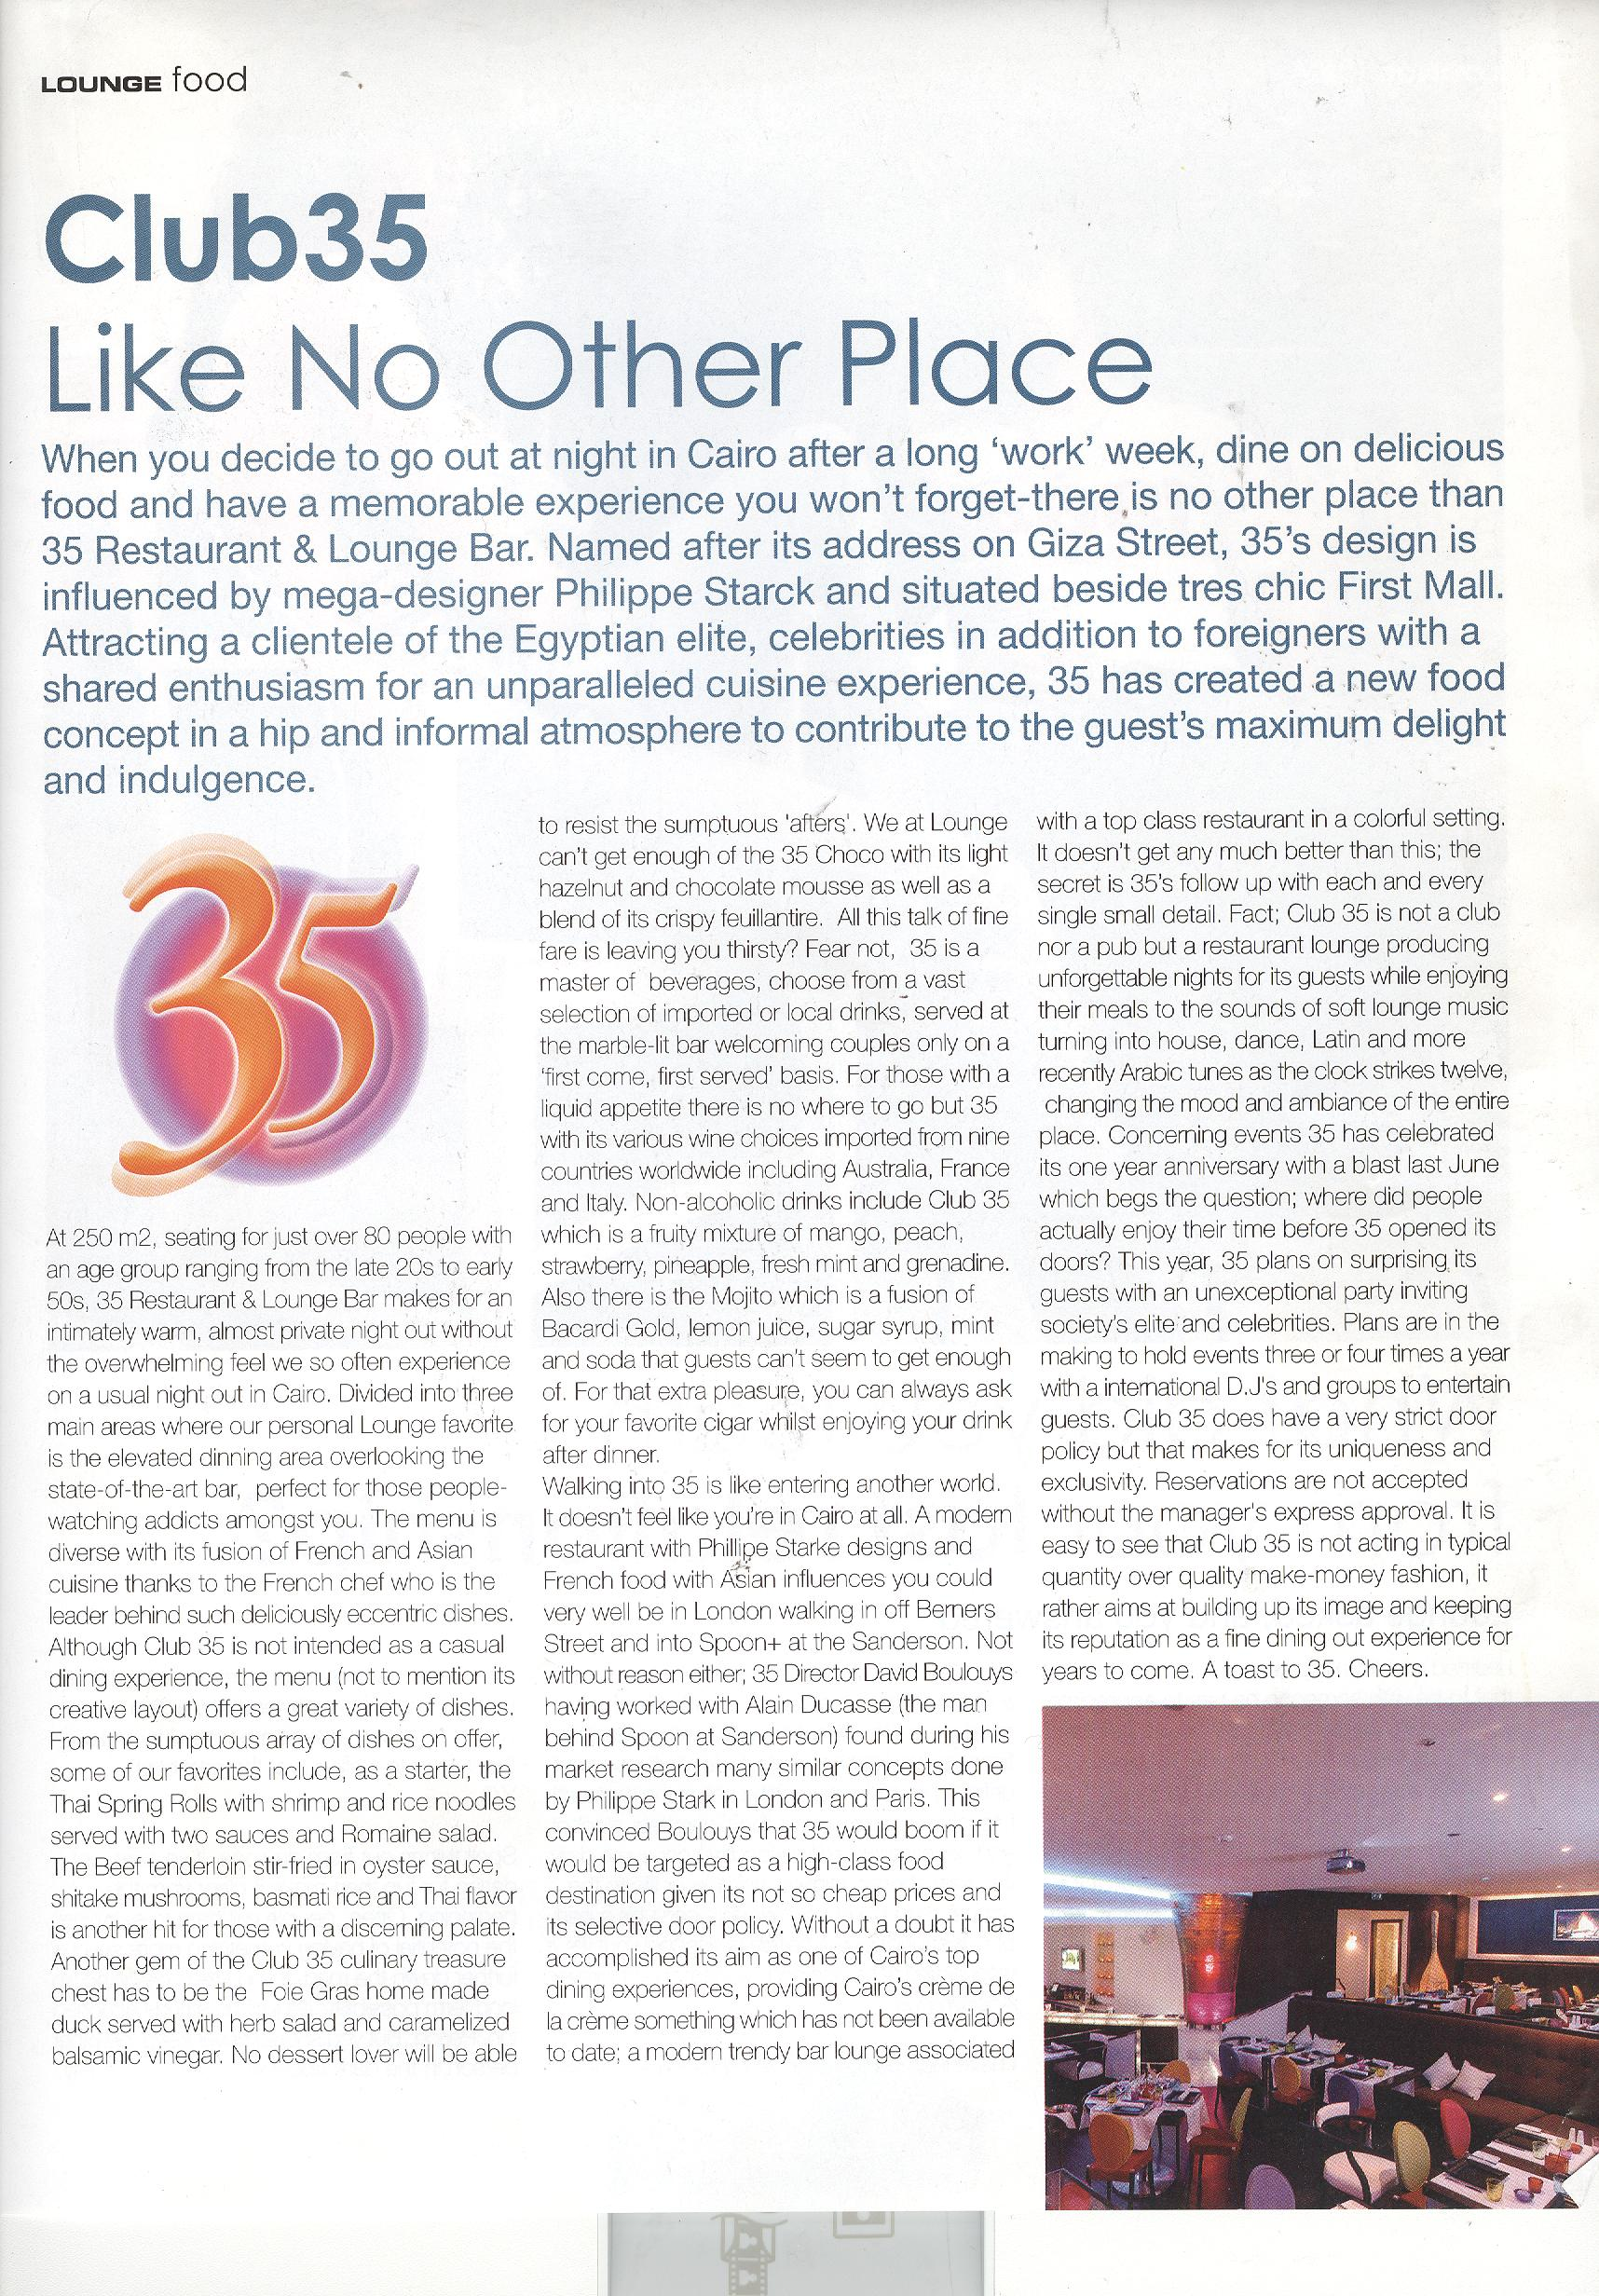 Lounge magazine July 2005